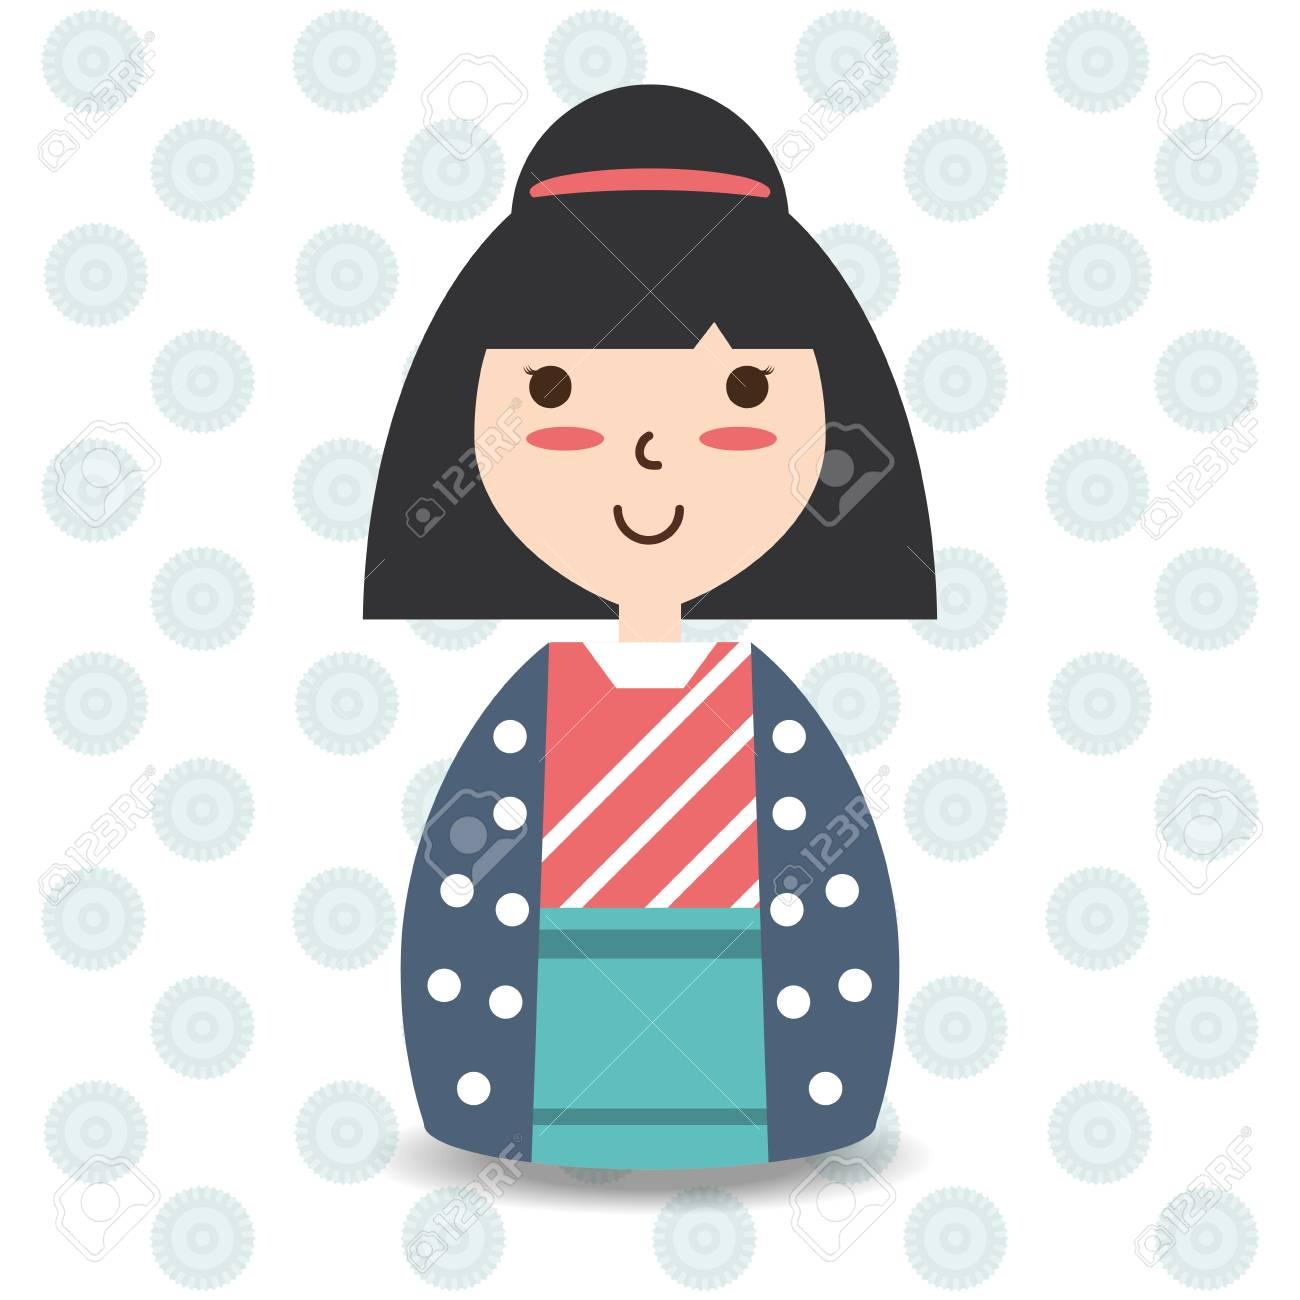 髪型と着物デザイン ベクトル イラスト美容女性のイラスト素材ベクタ